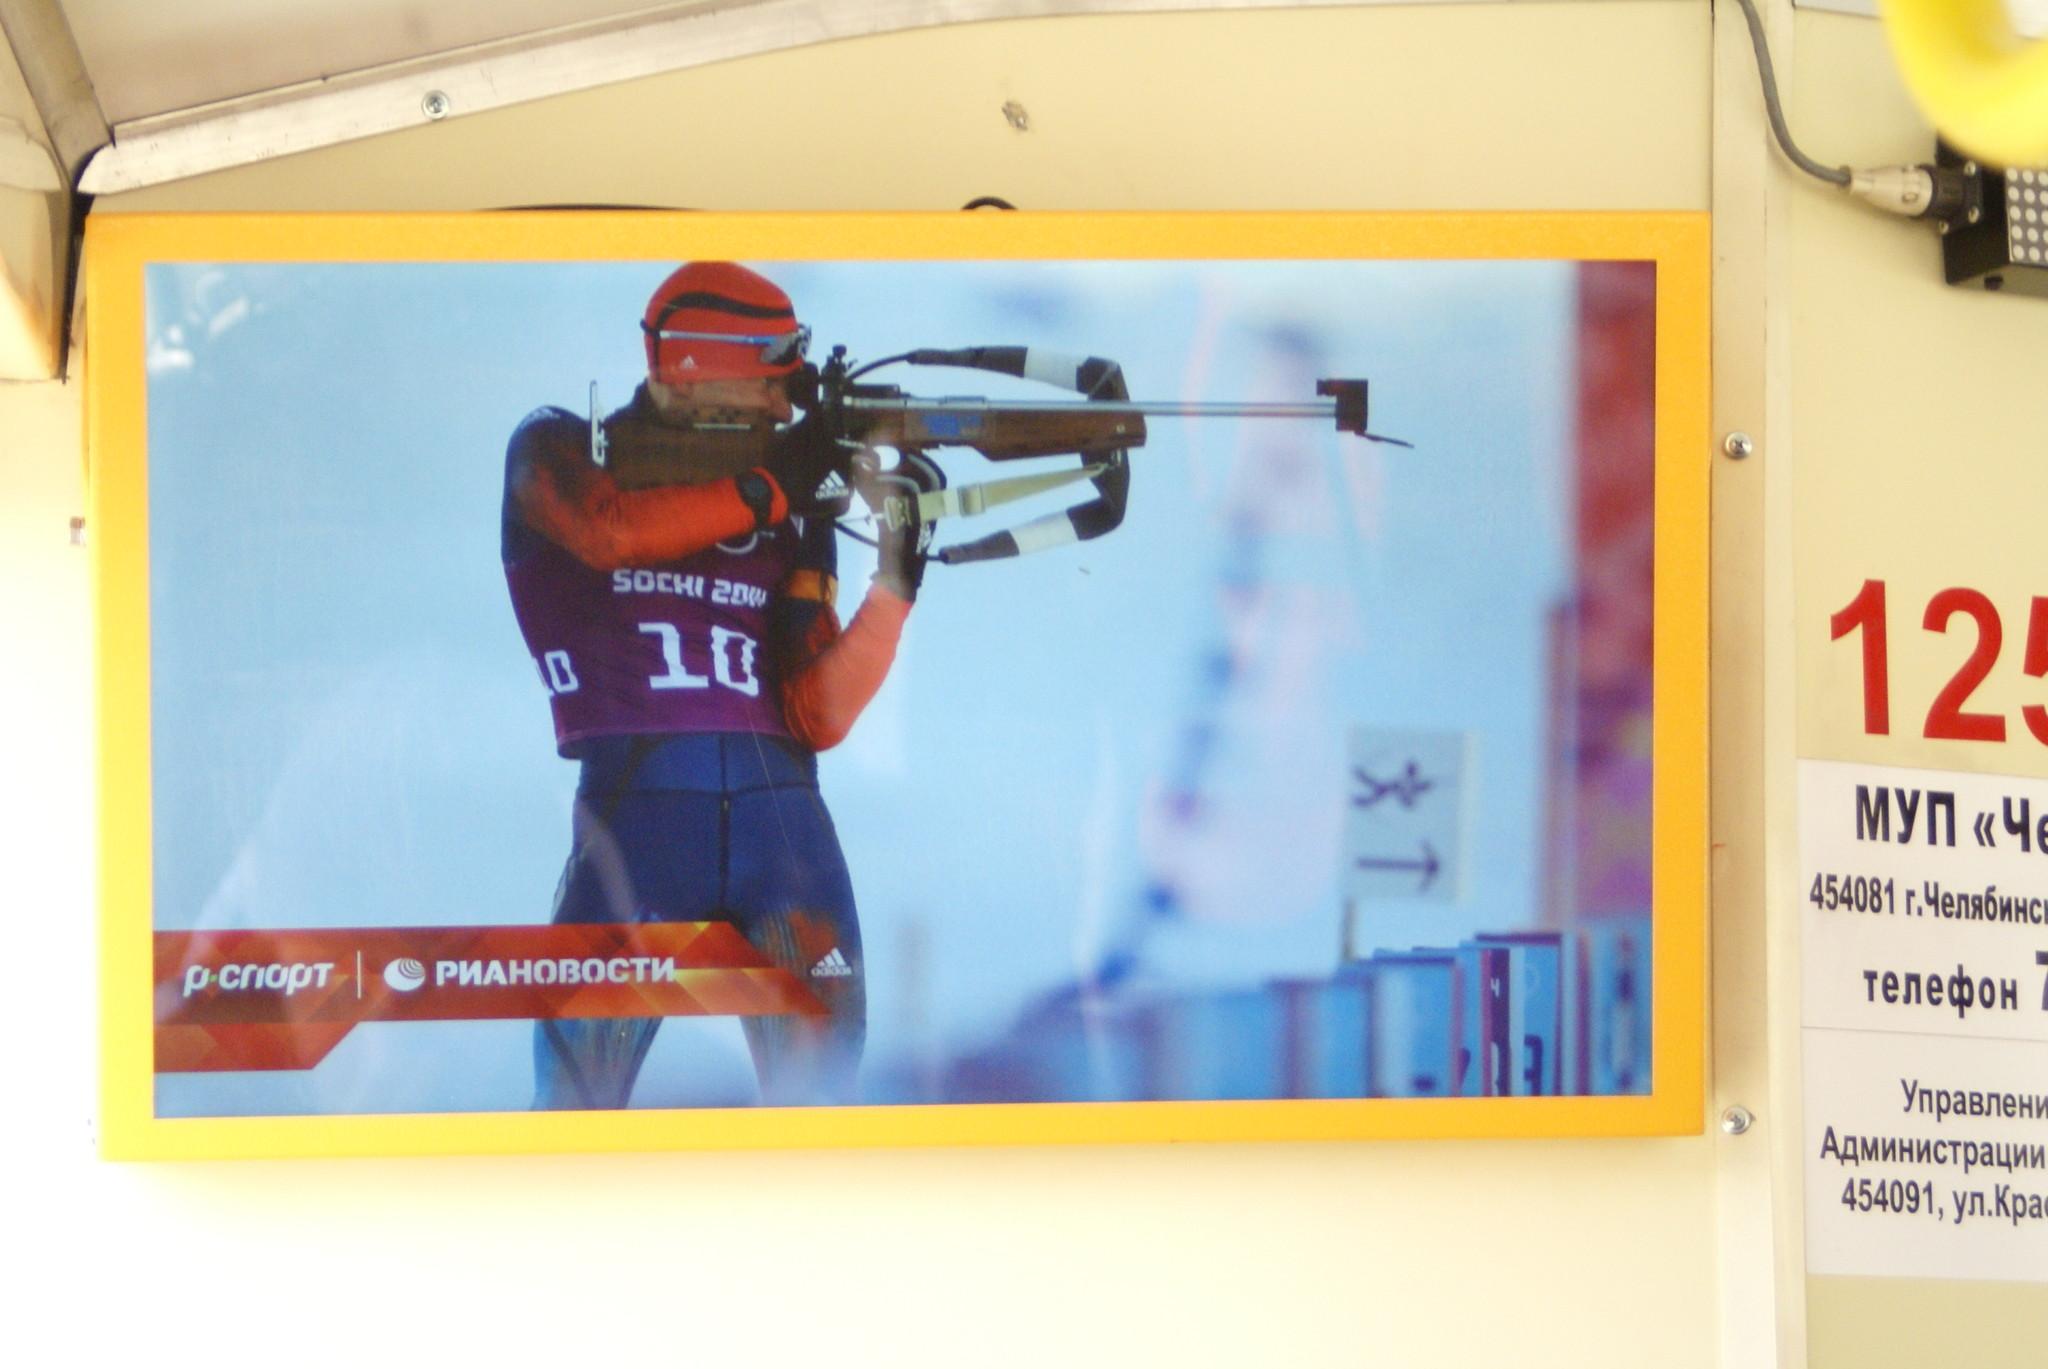 Яркие моменты Олимпиады в Сочи от РИА НОВОСТИ на Маршрутном Телевидении